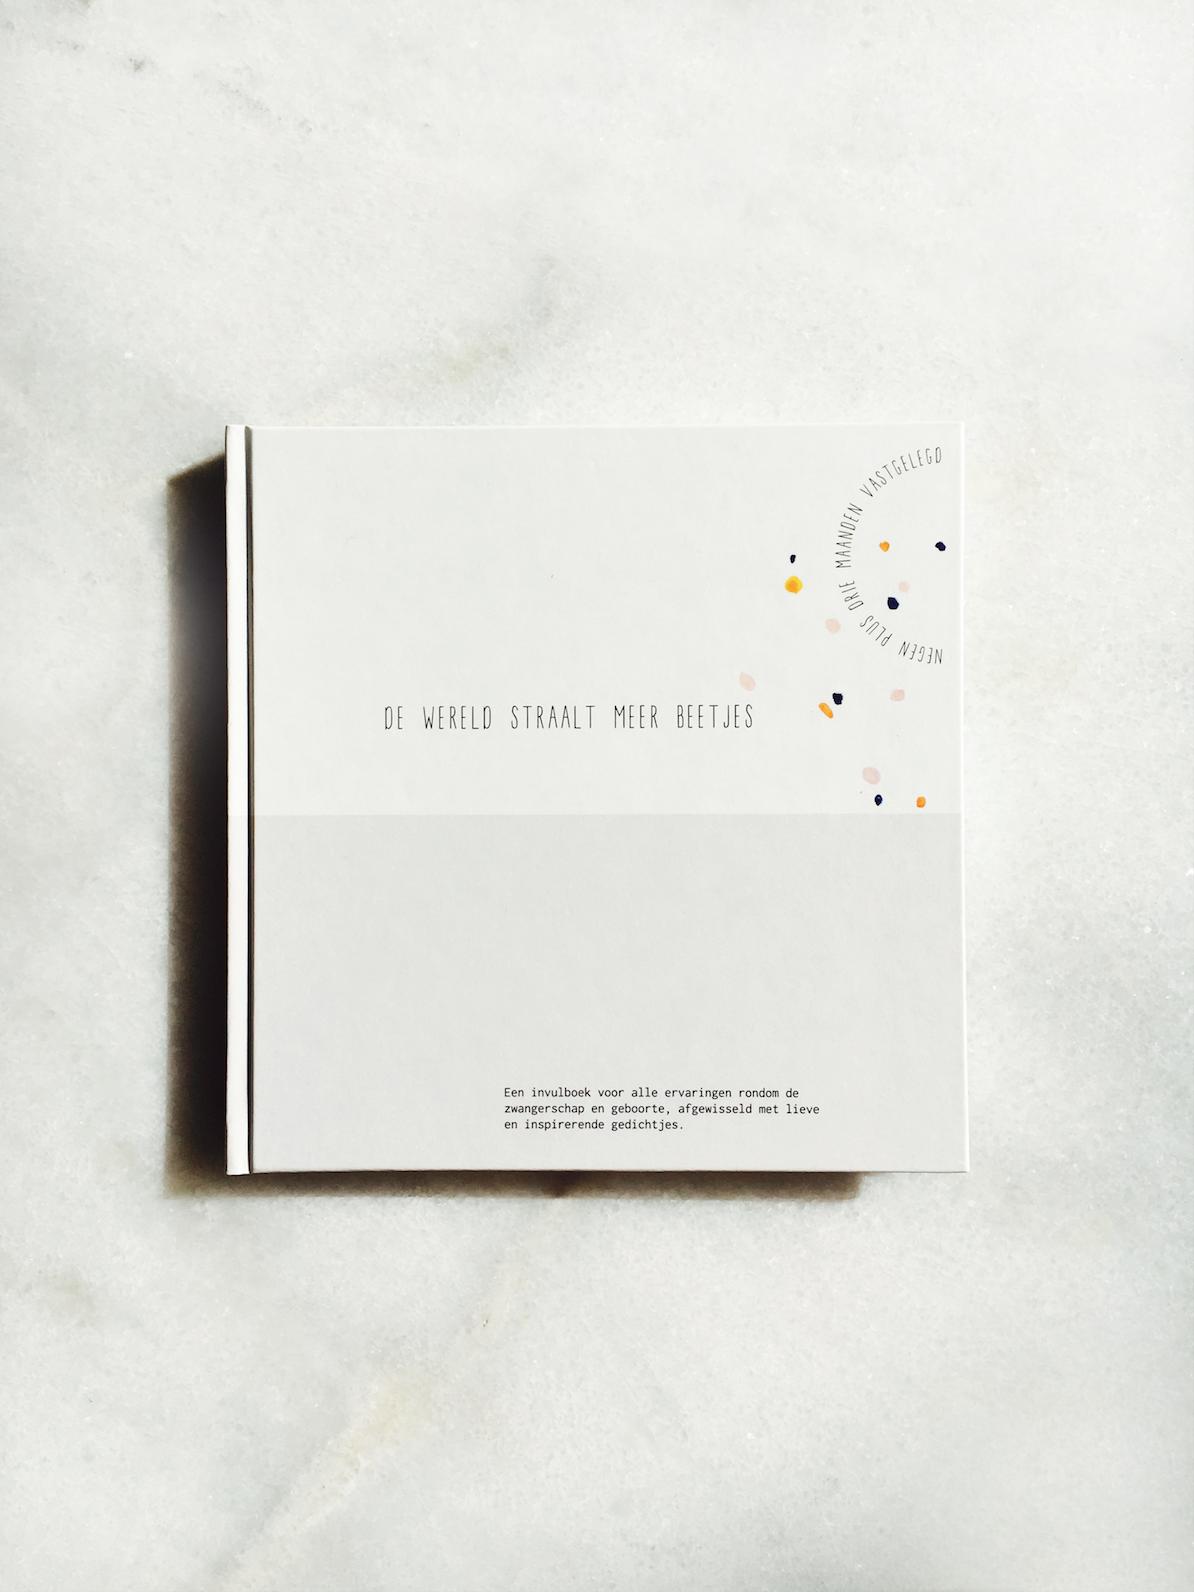 Gewoon JIP.  |Babyboek  €25,00 |  De wereld straalt meer beetjes | Hét invulboek voor alle ervaringen rondom de zwangerschap en geboorte, afgewisseld met lieve en inspirerende gedichtjes.  In het boek is volop ruimte voor foto's, het opschrijven van ervaringen, leuke reacties en veel meer.  Een leuk cadeautje voor jezelf of voor iemand in je omgeving die een kindje verwacht!